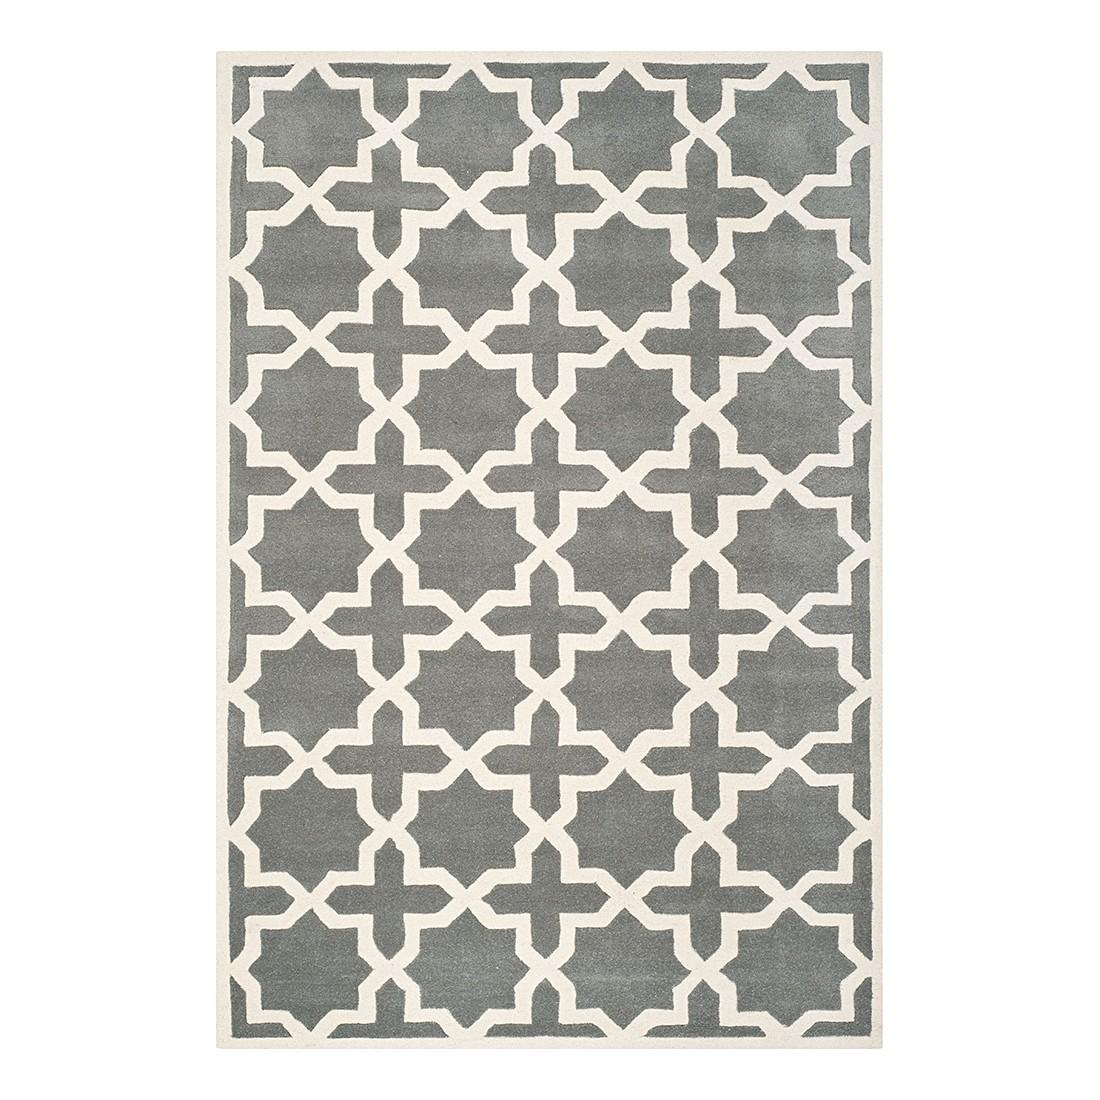 Teppich Barrow – Dunkelgrau/Elfenbein, Safavieh günstig kaufen